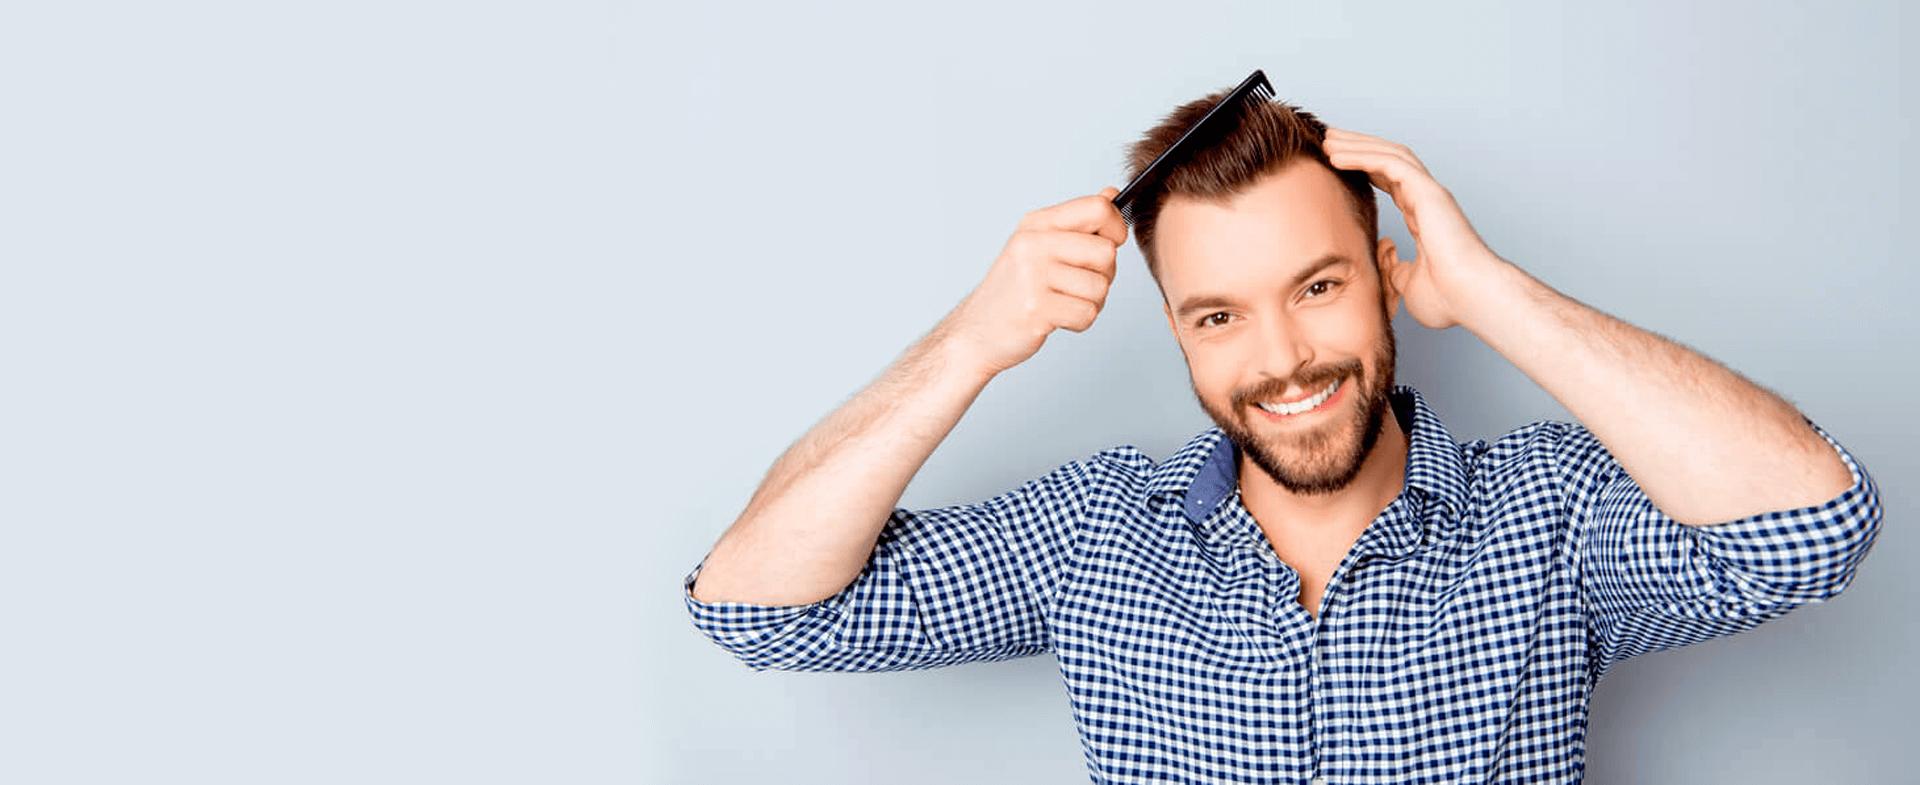 Mann mit Kamm Haare